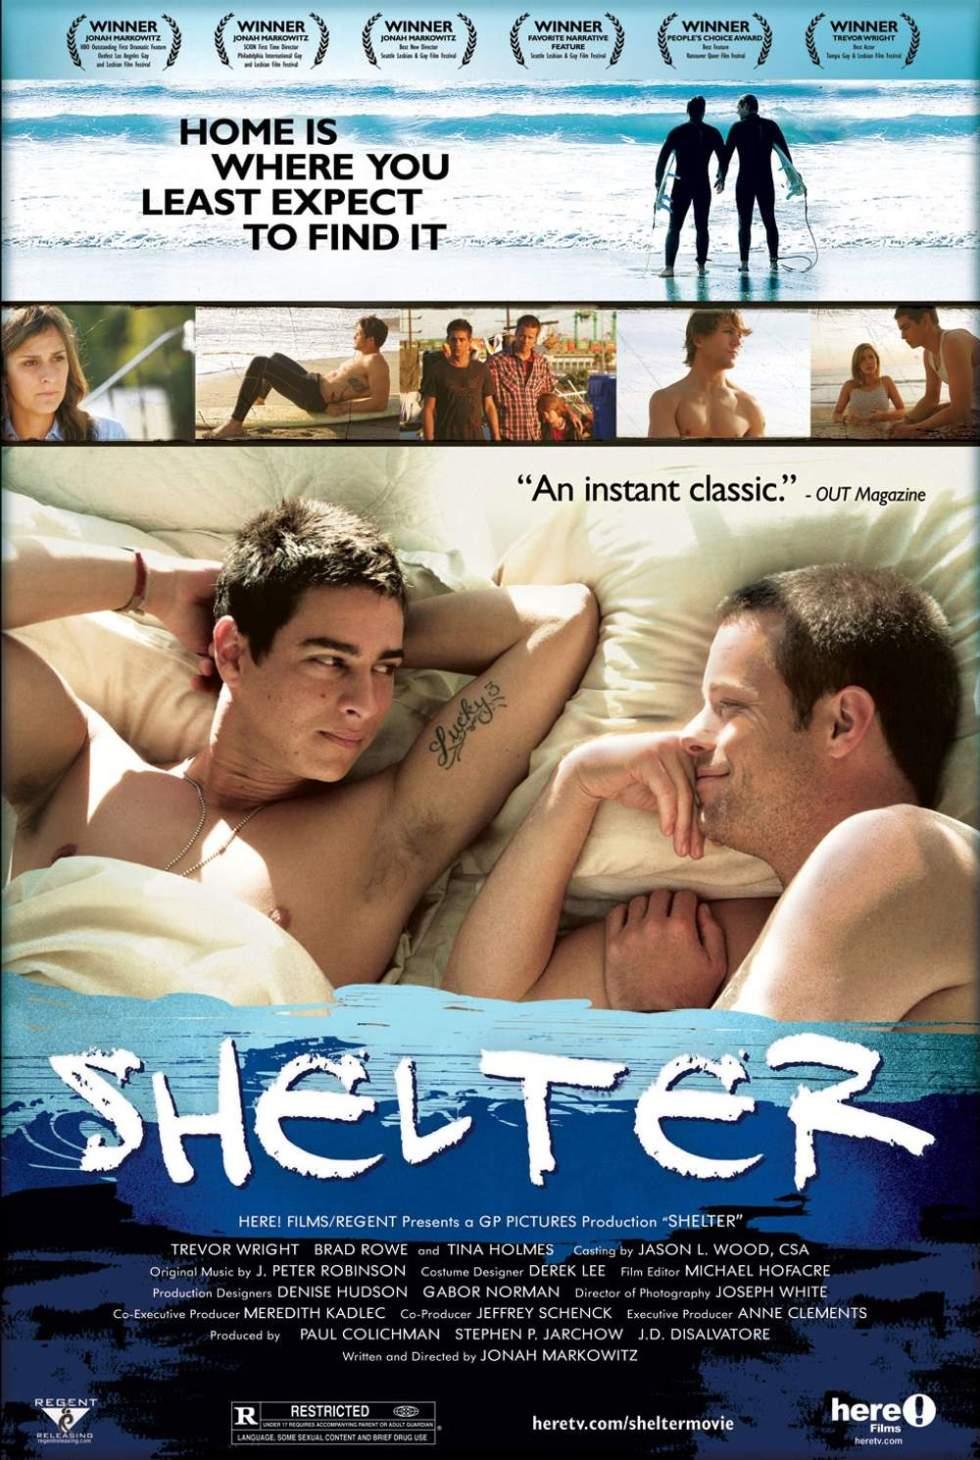 shelter07 filme lgbt